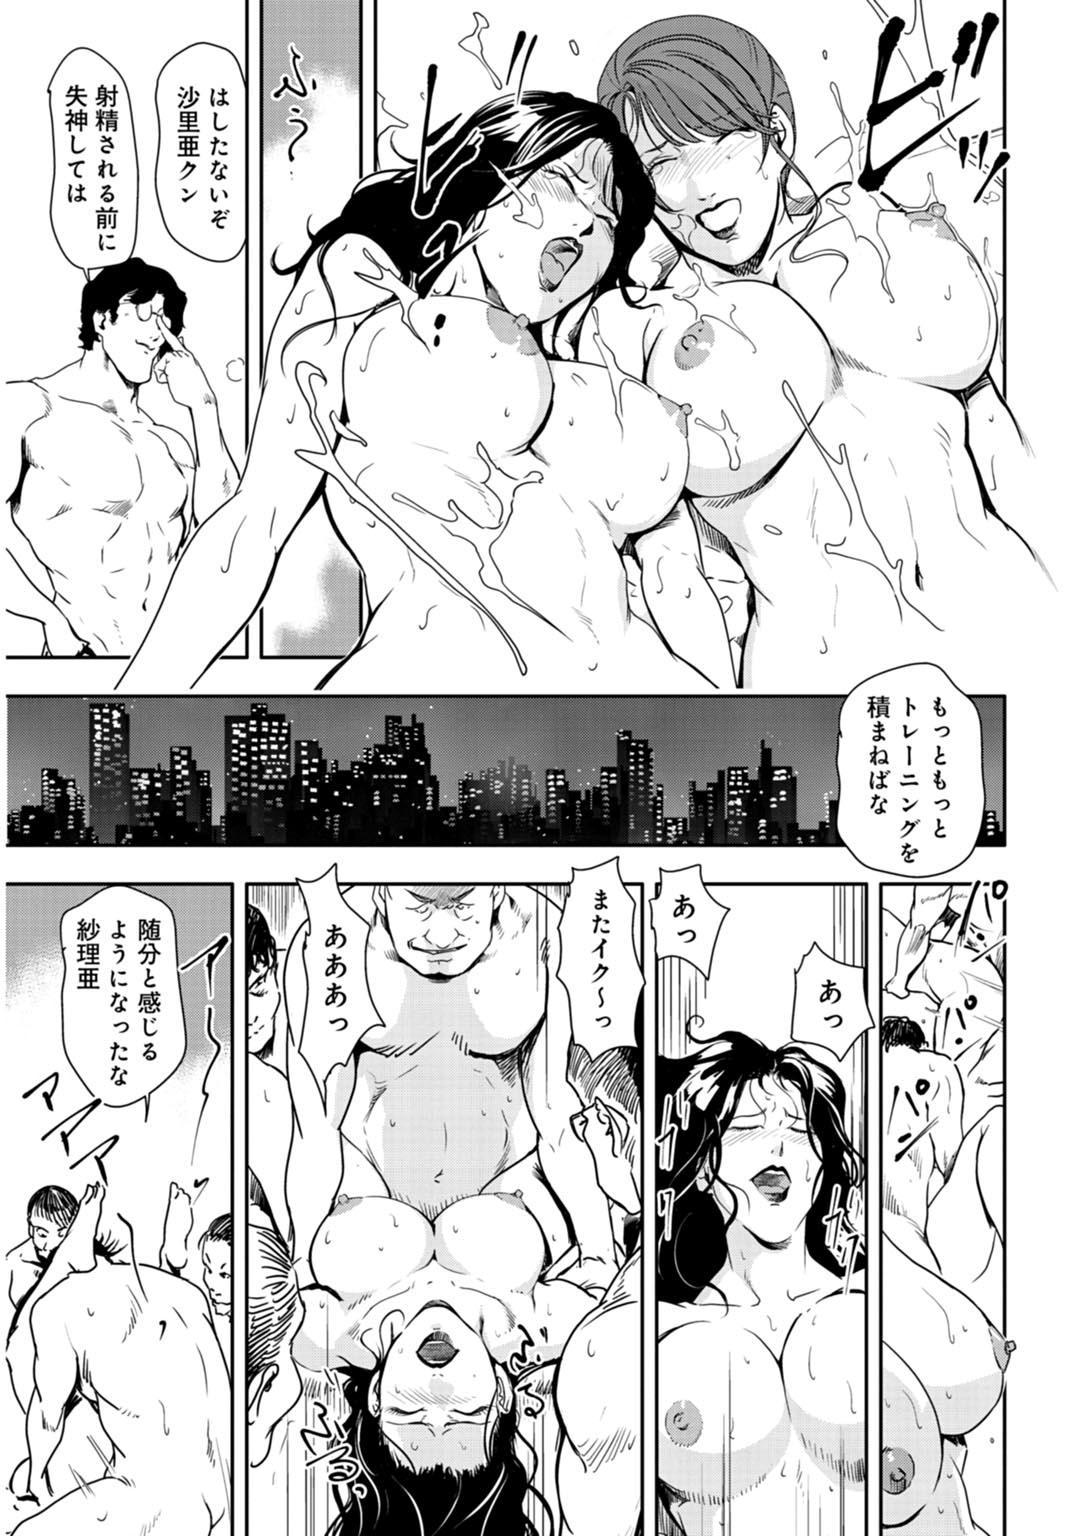 Nikuhisyo Yukiko 26 23